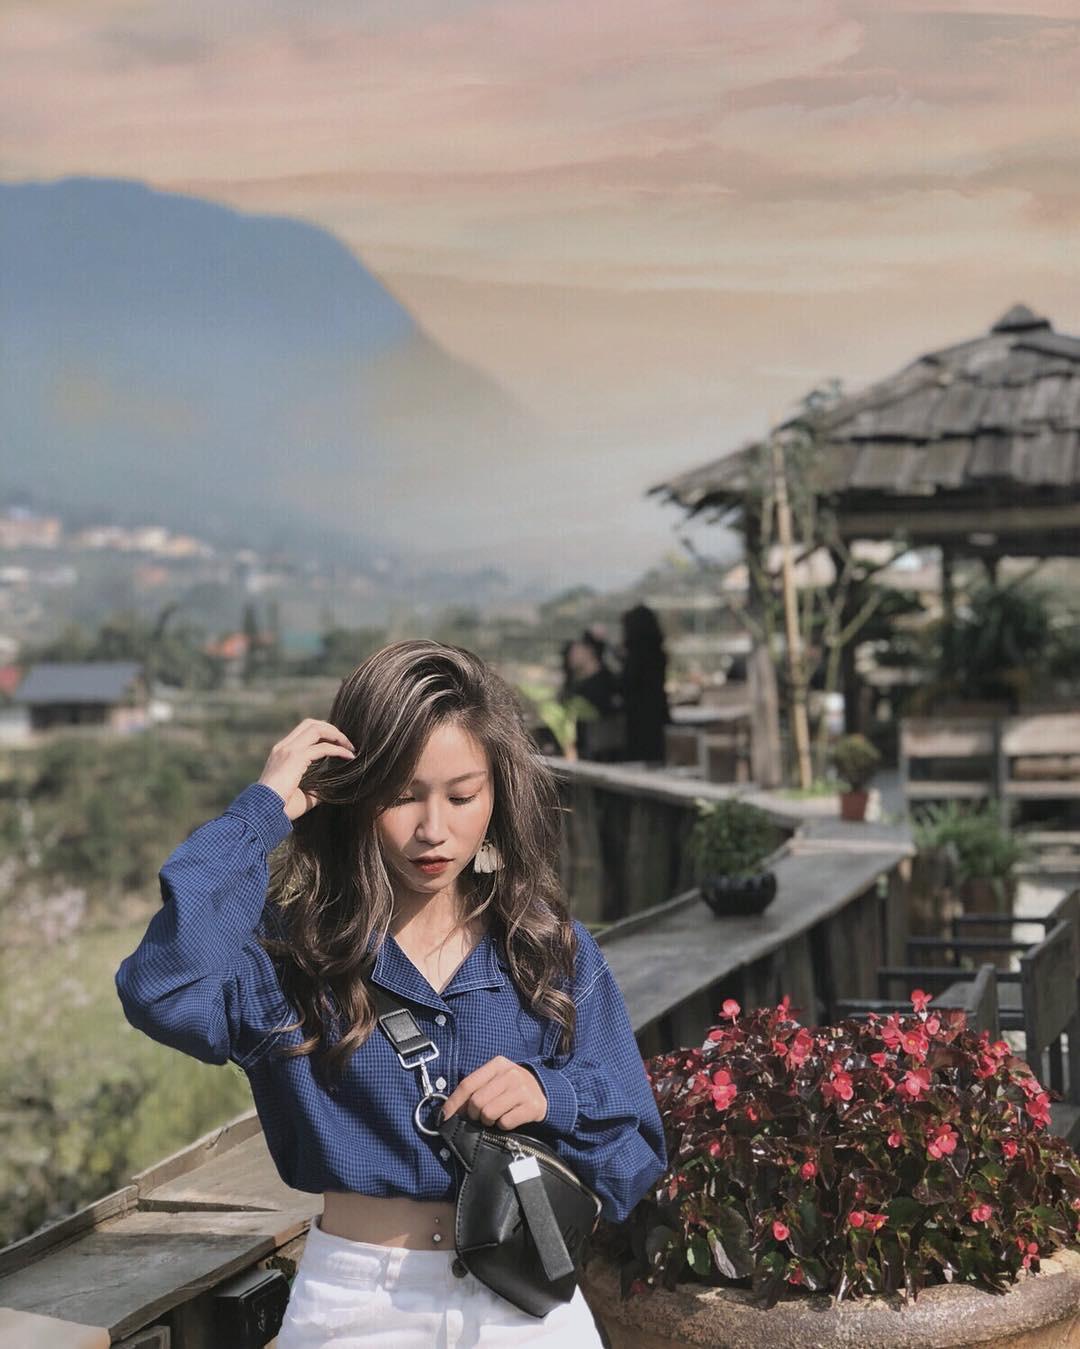 4 quán cafe cực hot ở Sapa sẽ cho bạn lạc vào nét đẹp hùng vĩ nơi núi rừng Tây Bắc - Ảnh 15.